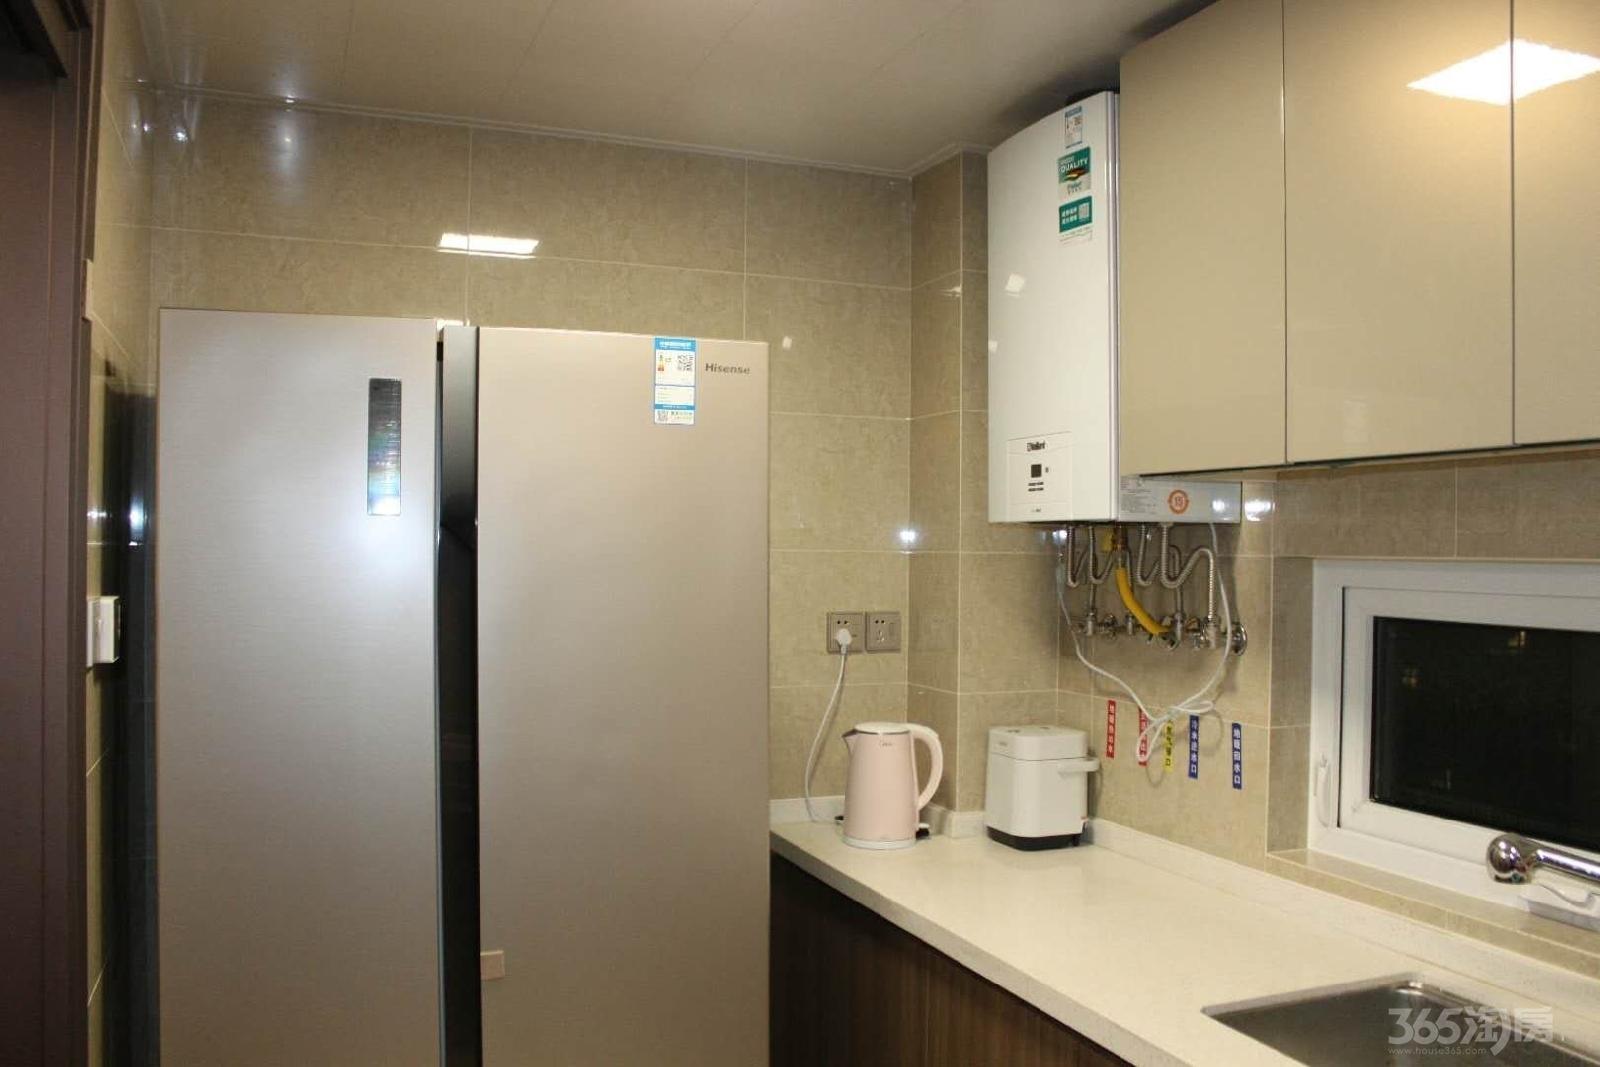 万科翡翠公园3室2厅2卫小区中间学区房